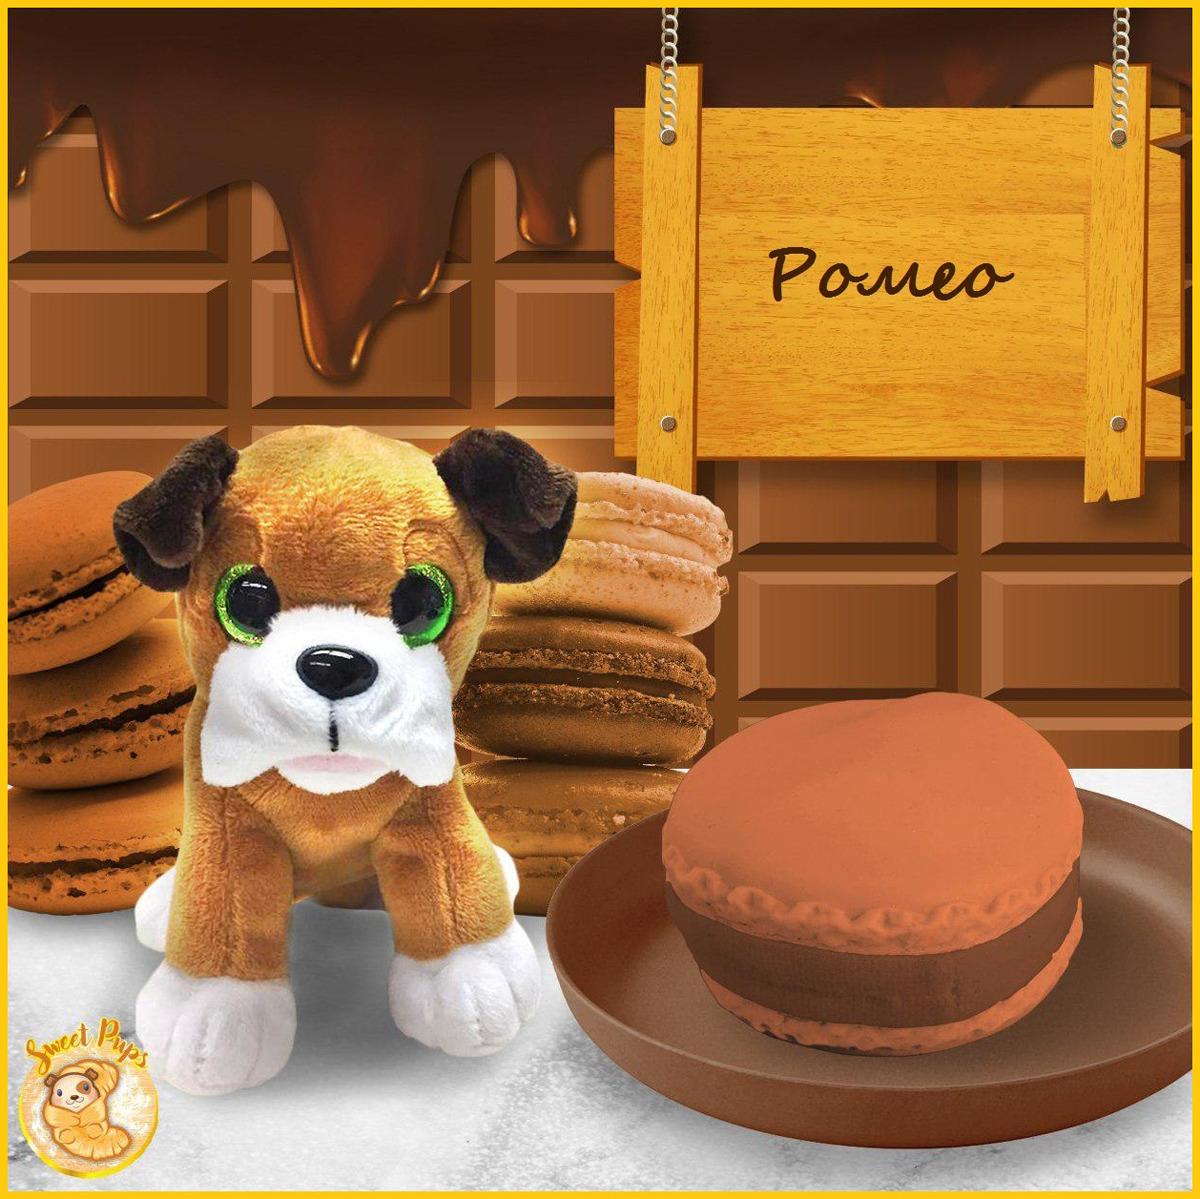 Трансформер Sweet Pups Ромео, 1610032 украшения женский портал pups market ru